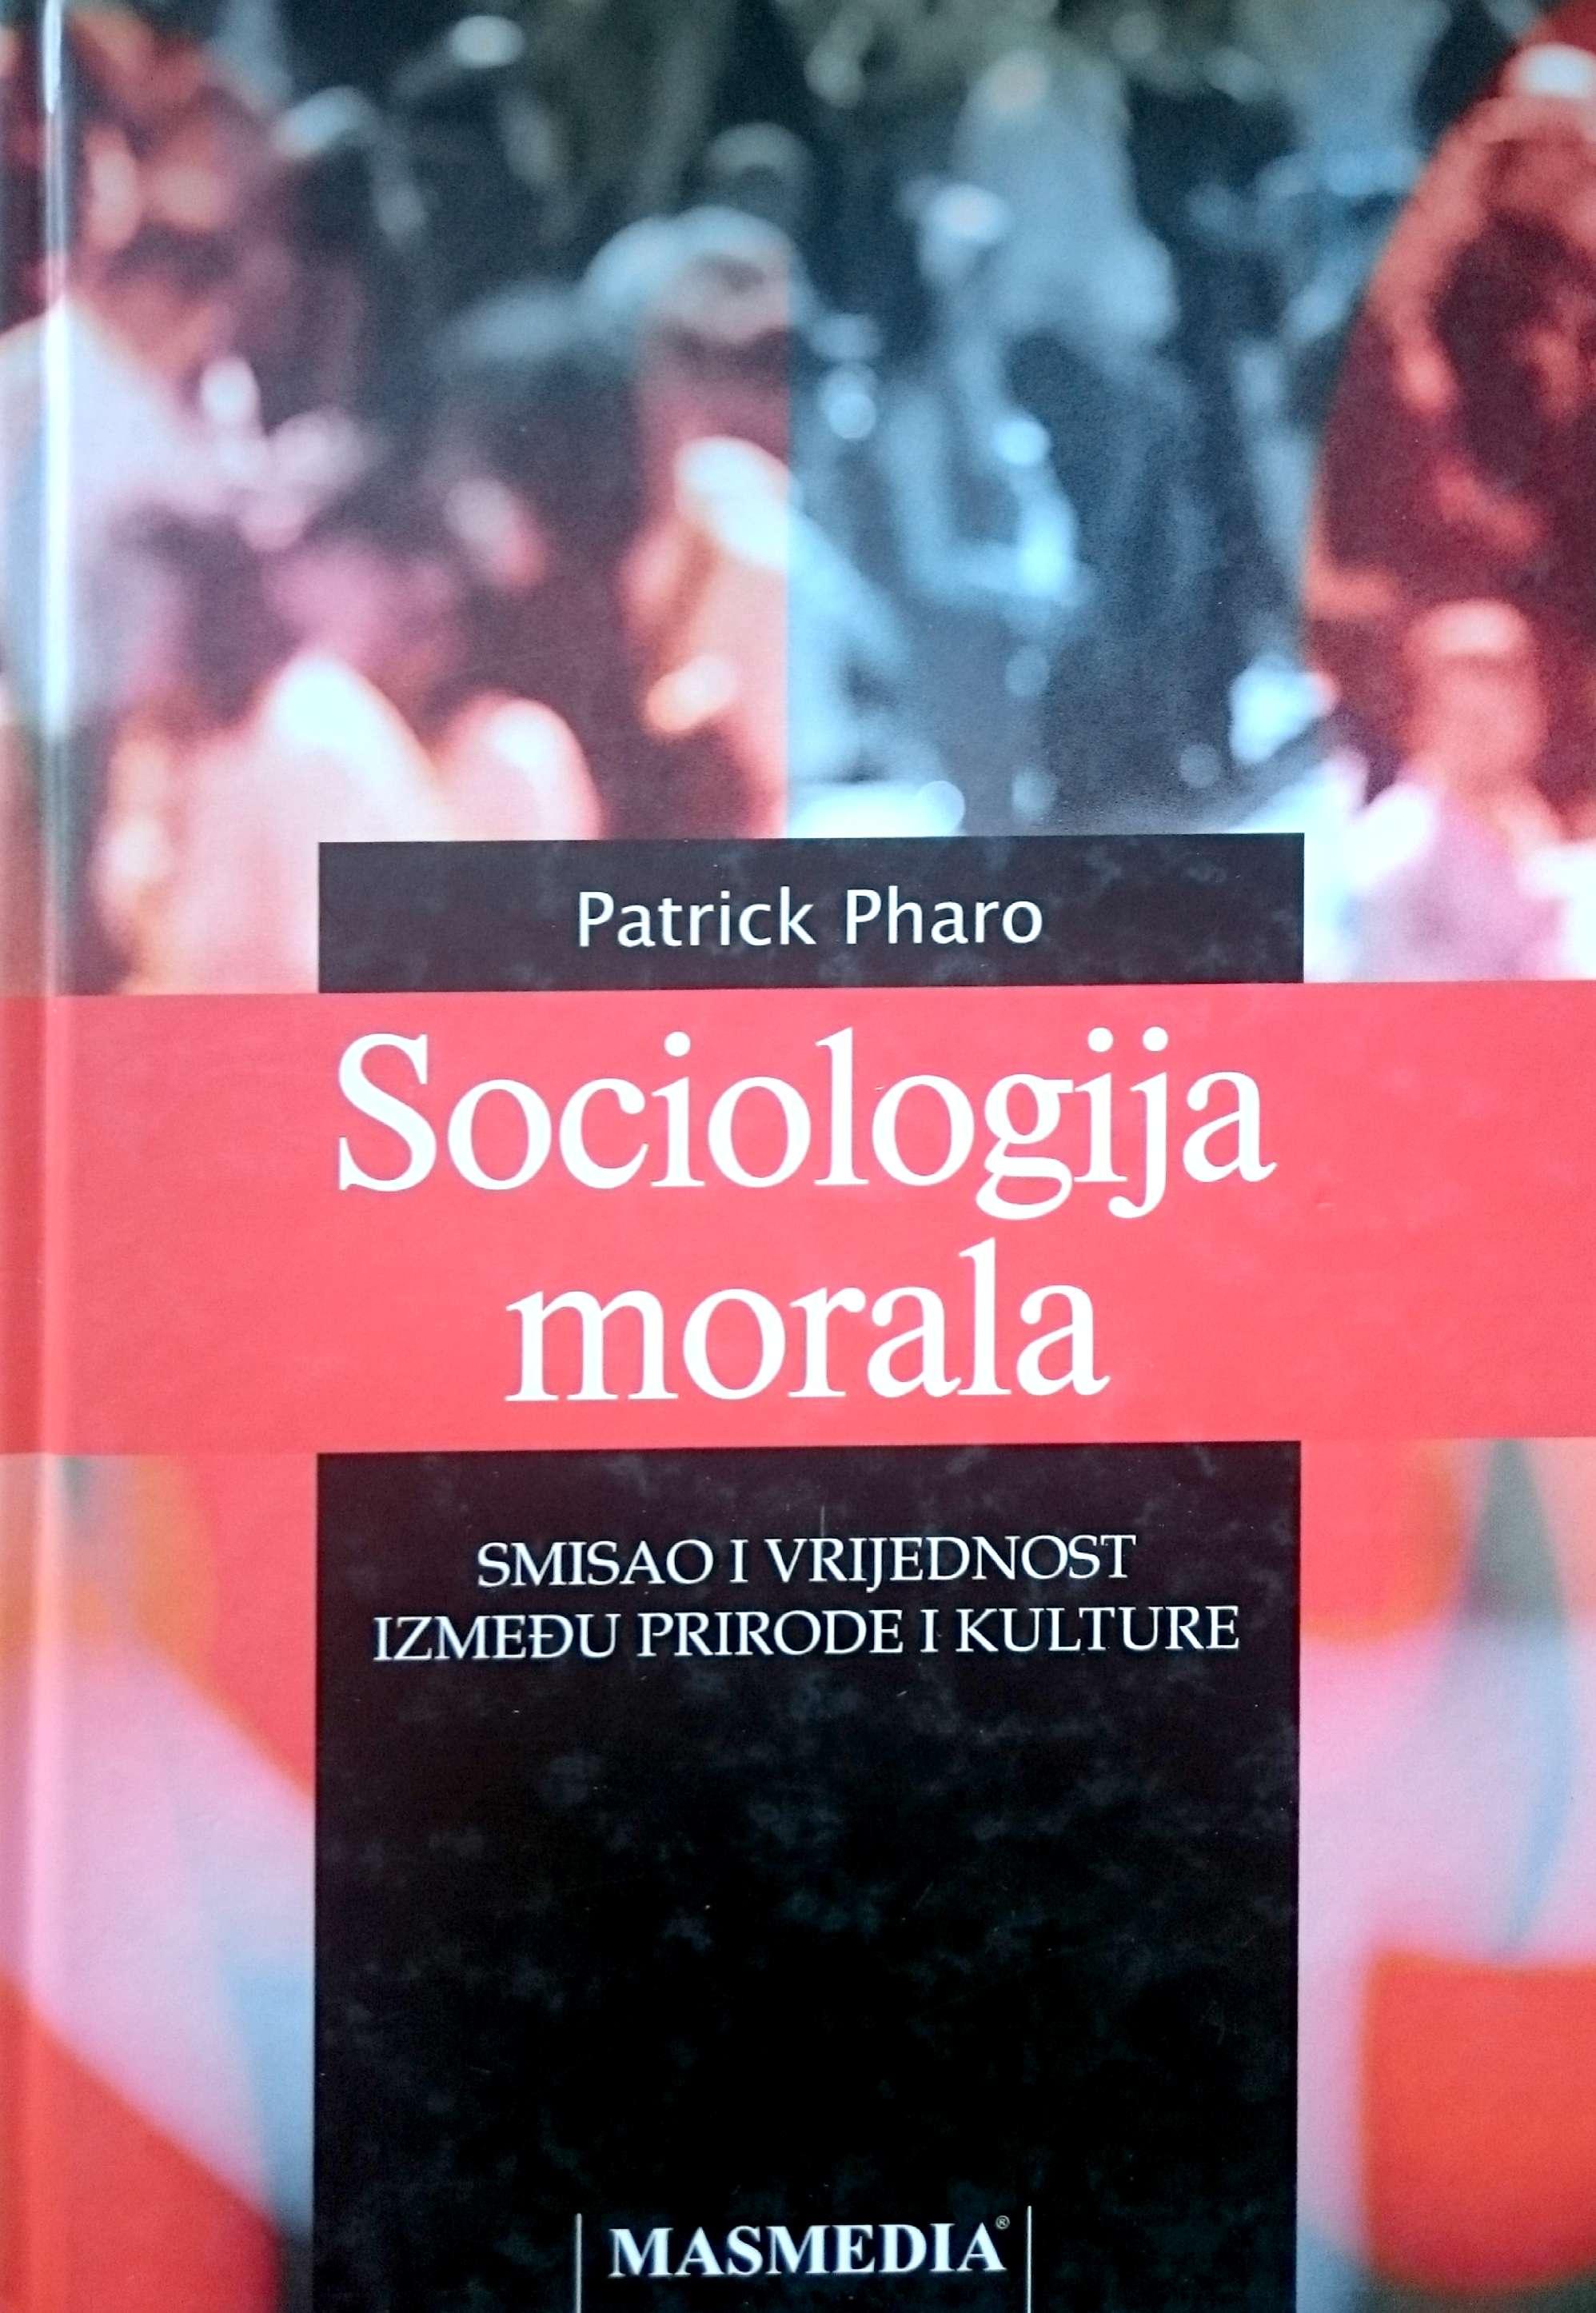 SOCIOLOGIJA MORALA - Naruči svoju knjigu